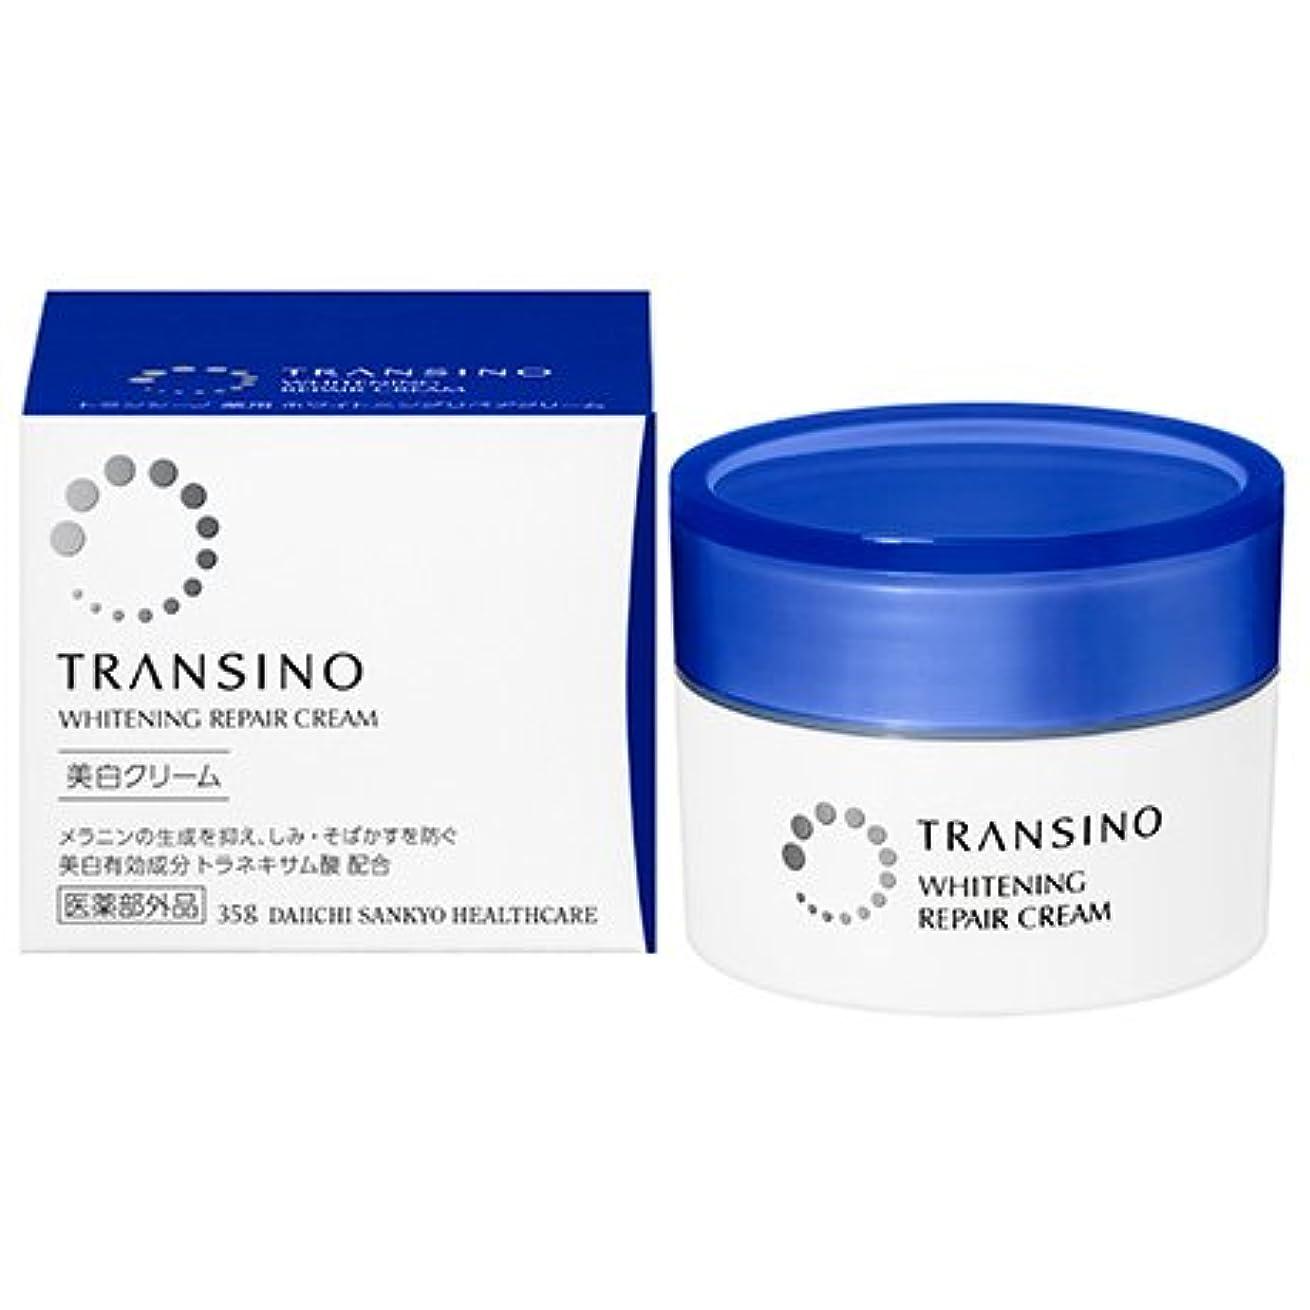 第二に建設公第一三共ヘルスケア トランシーノ 薬用ホワイトニングリペアクリーム 35g [並行輸入品]